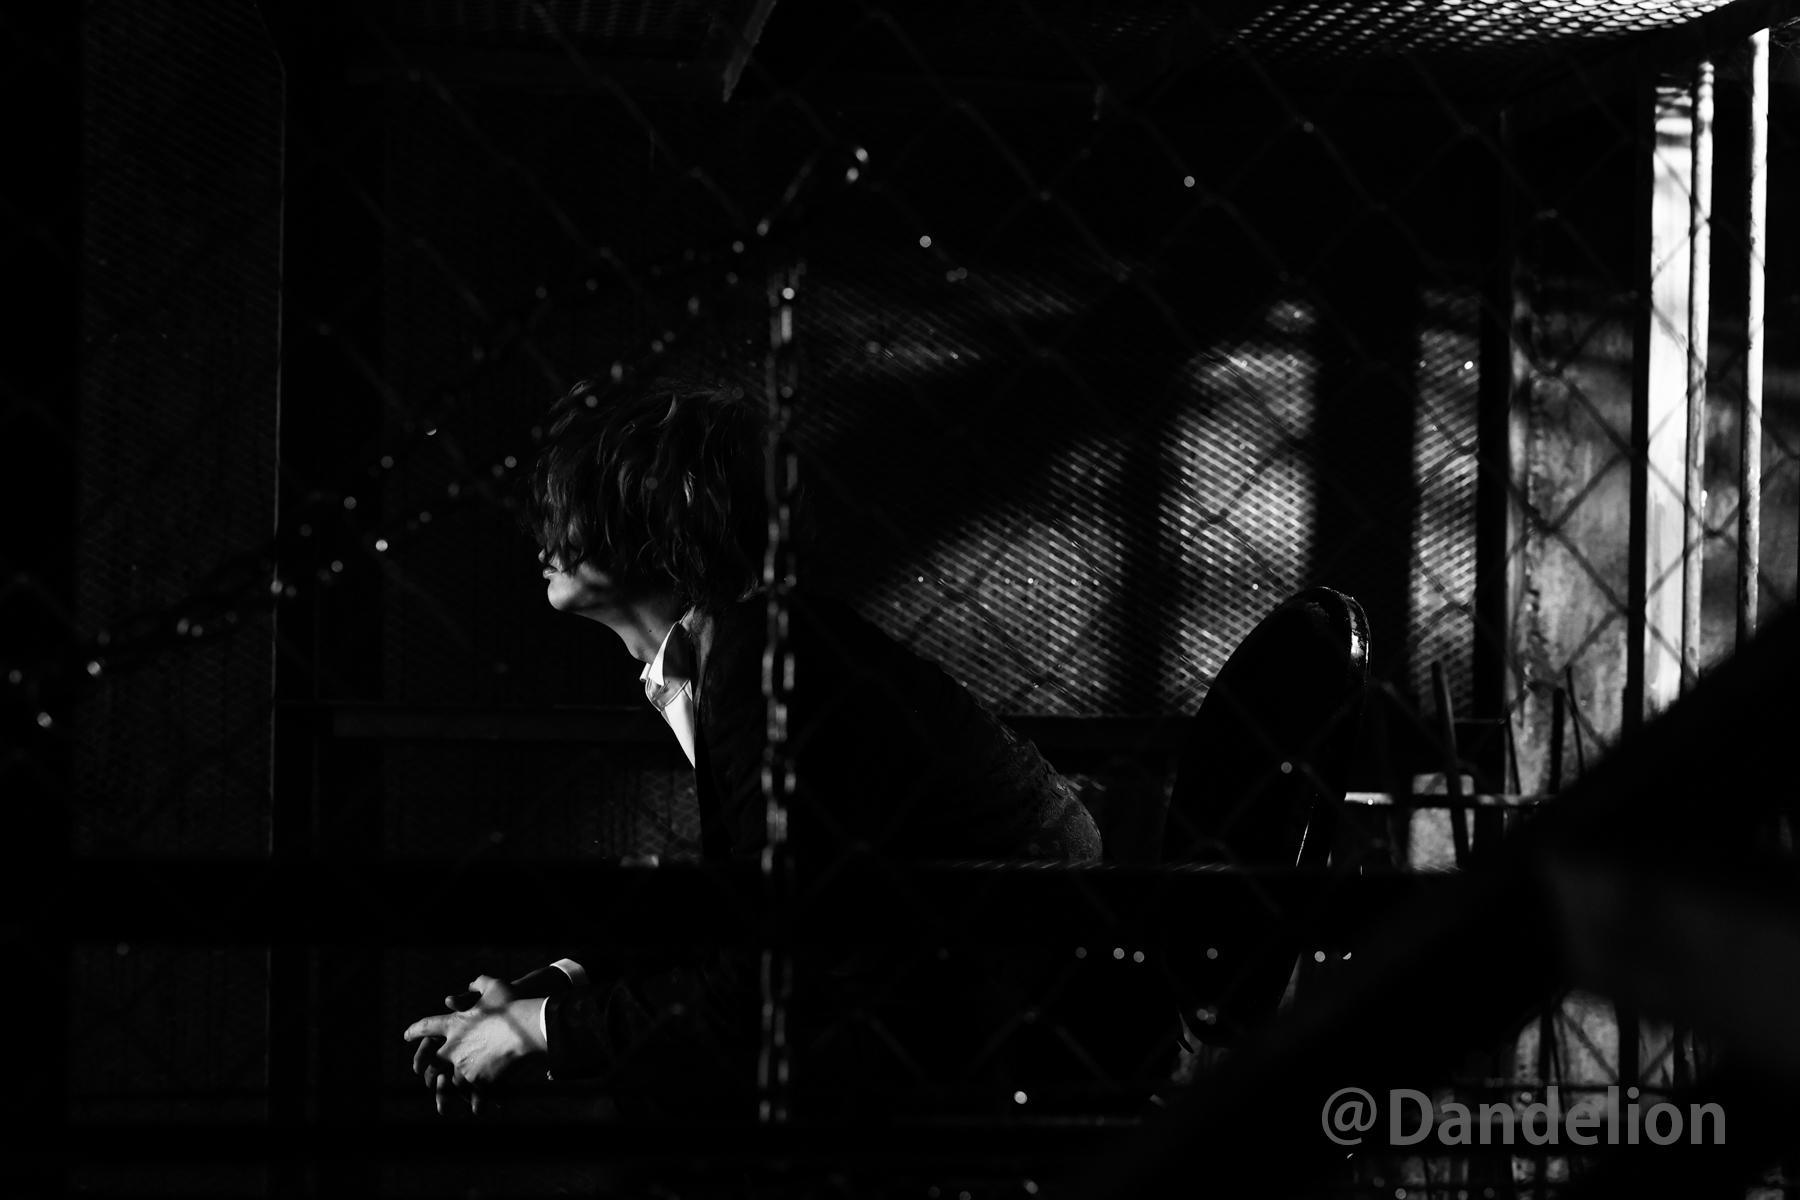 写真集『月刊 浅沼晋太郎×小林裕和』が本日5月17日発売! アニメイトでは限定カバーバージョンが販売中!